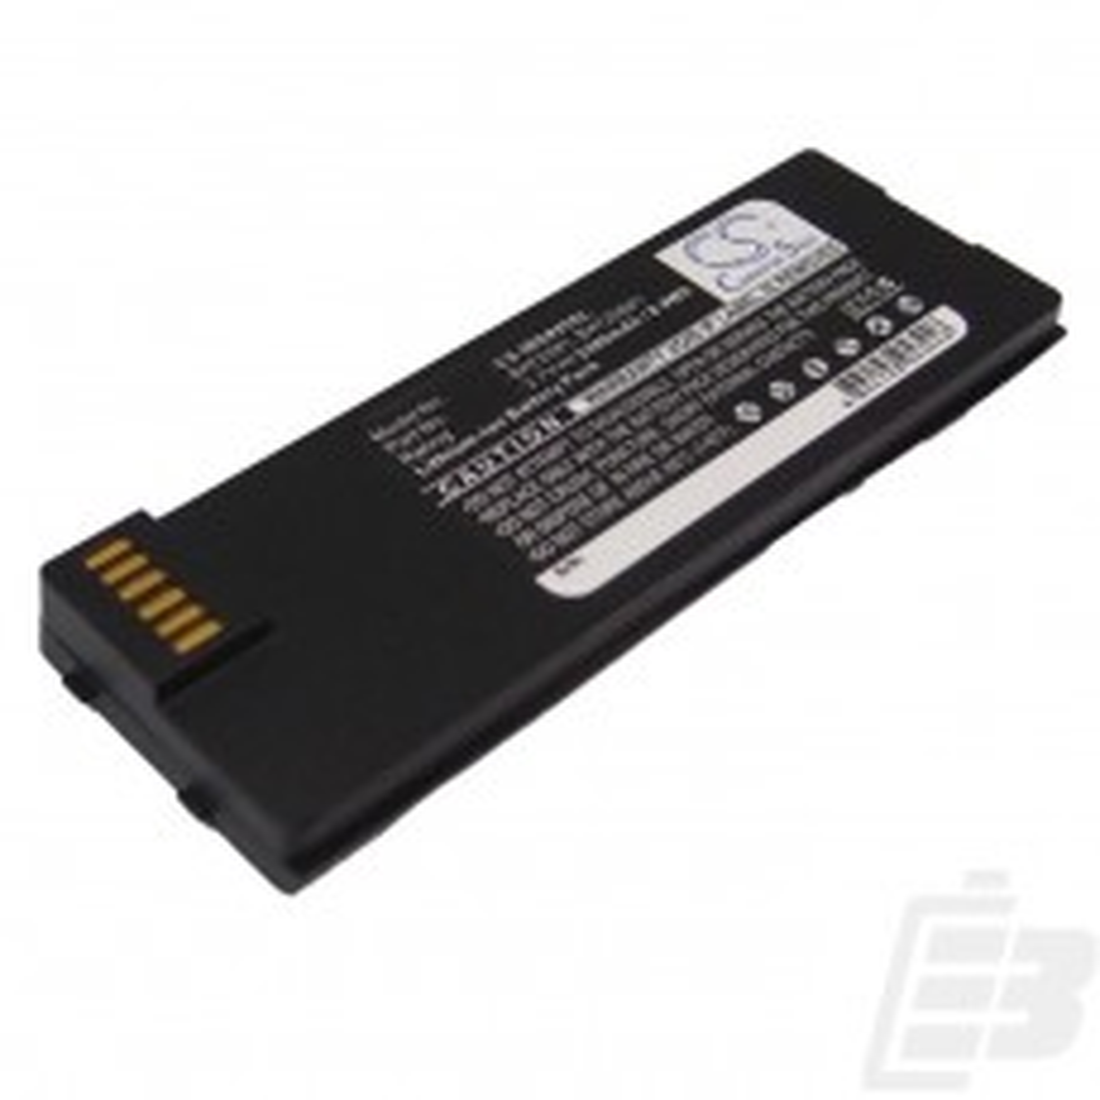 Satellite phone battery Iridium 9555_1